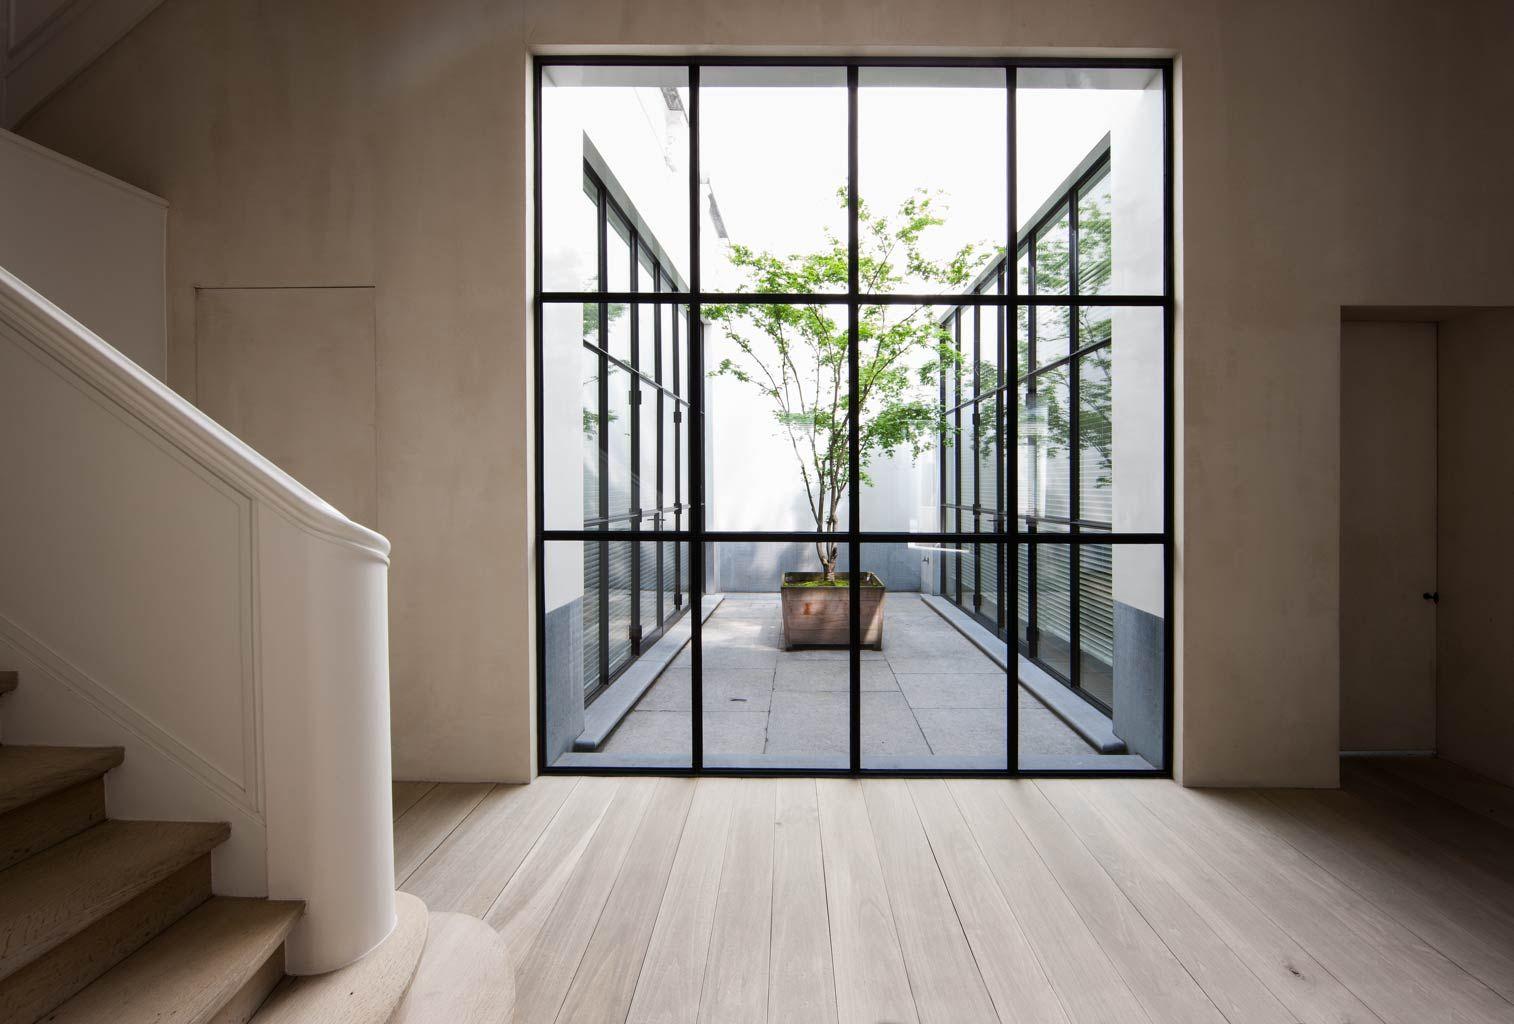 Fotograf a de arquitectura jrfotograf a interiors for Master en arquitectura de interiores